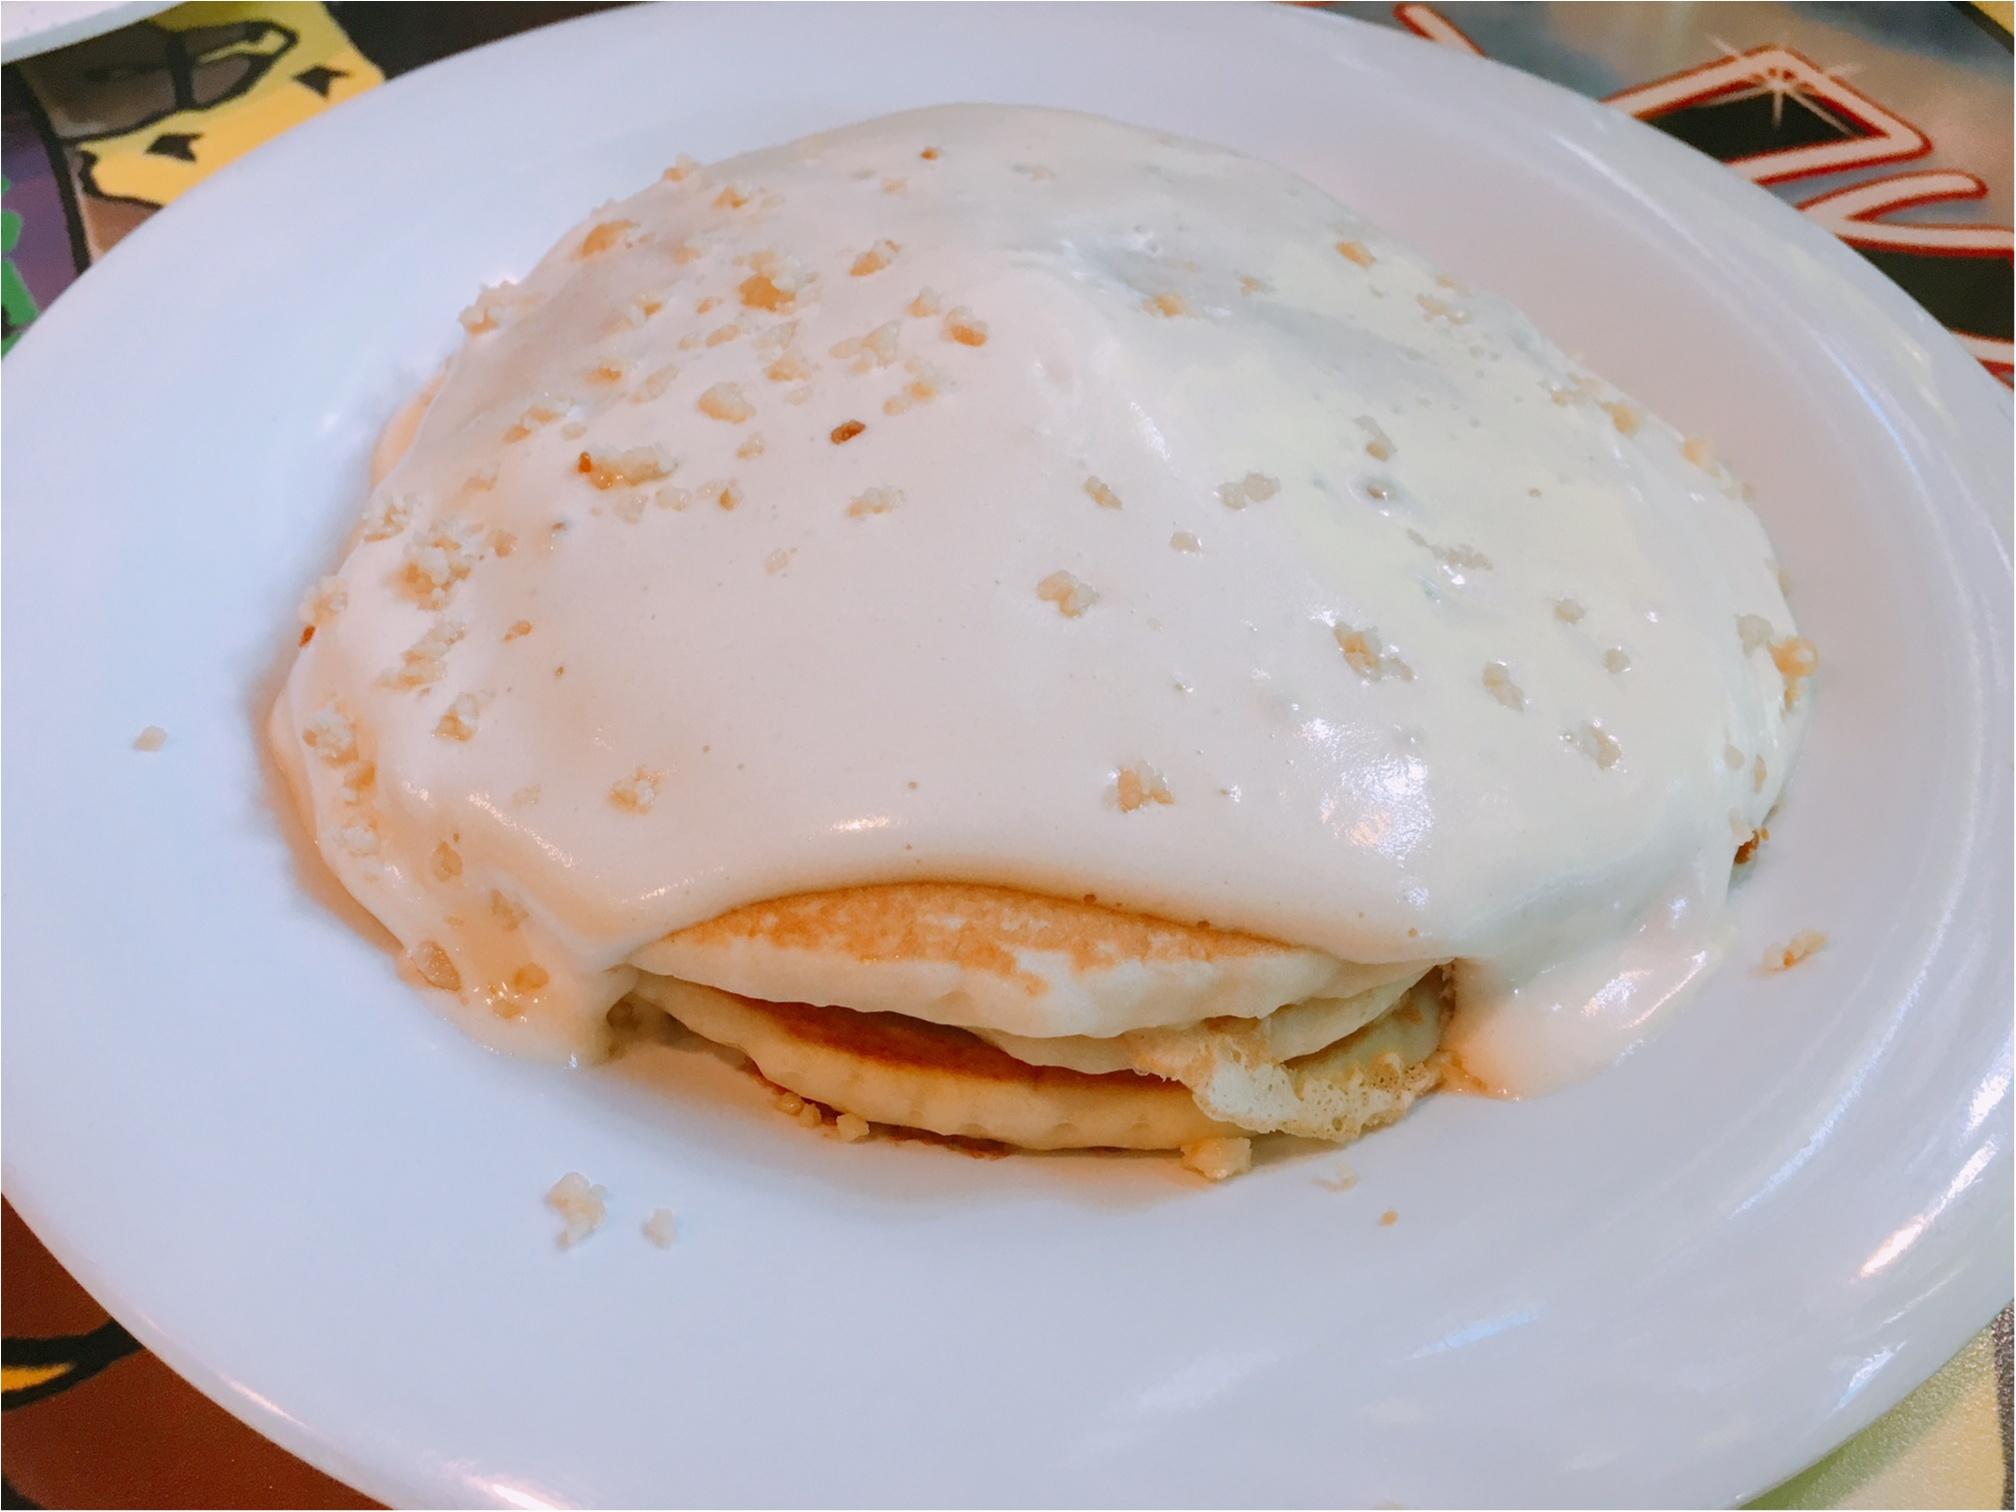 【ハワイ旅②】ハワイへ行ったら絶対食べたいスイーツ編!最新のデザートまでご紹介します♡_1